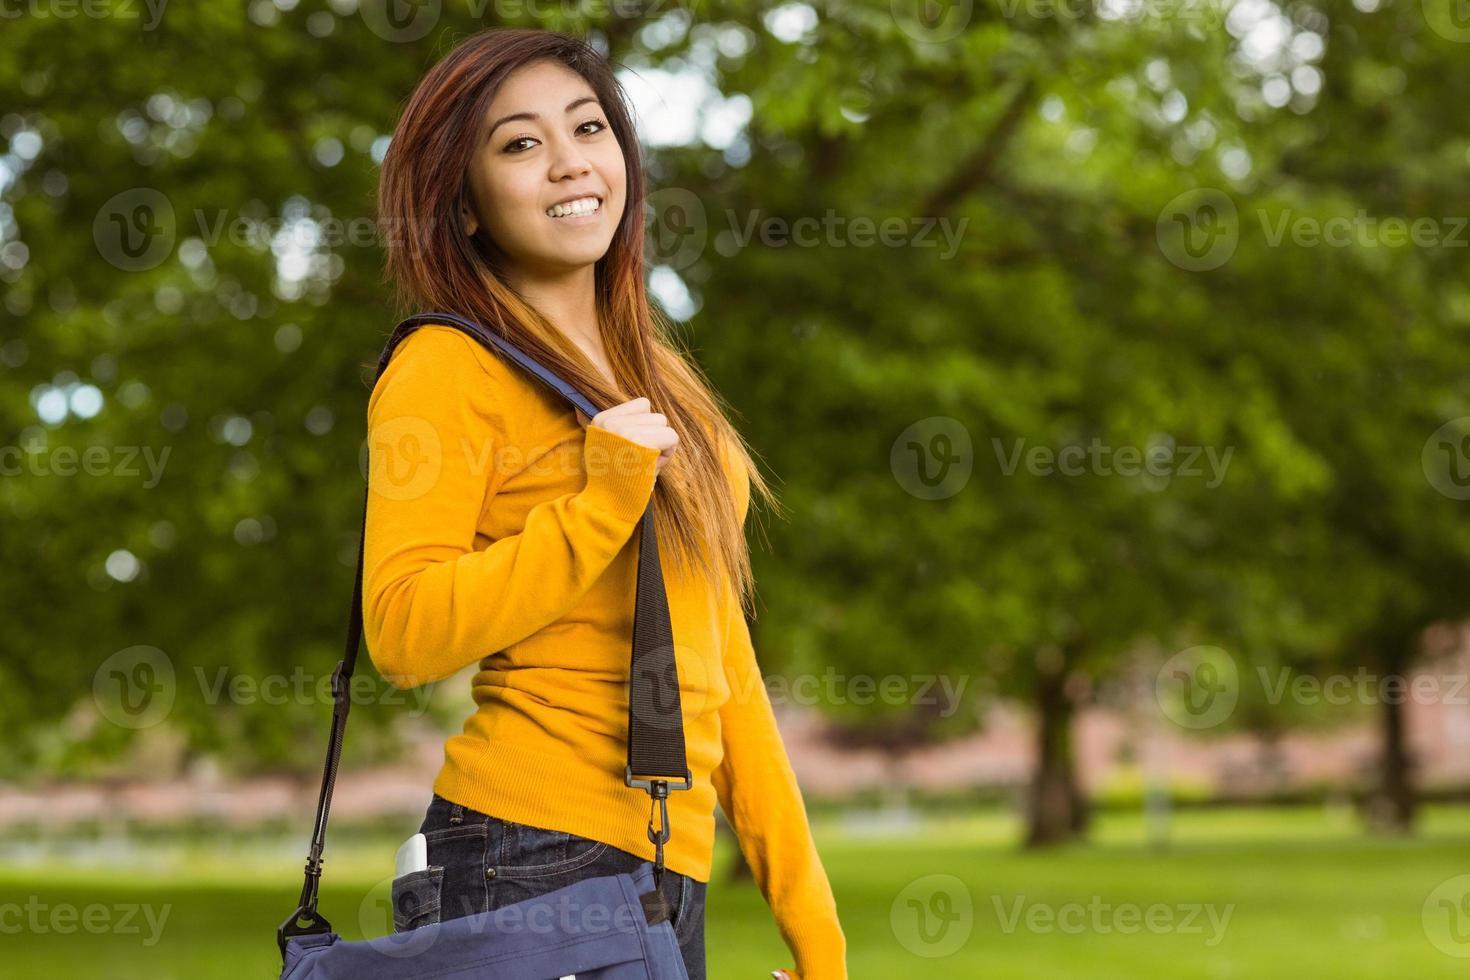 studentessa universitaria con borsa nel parco foto